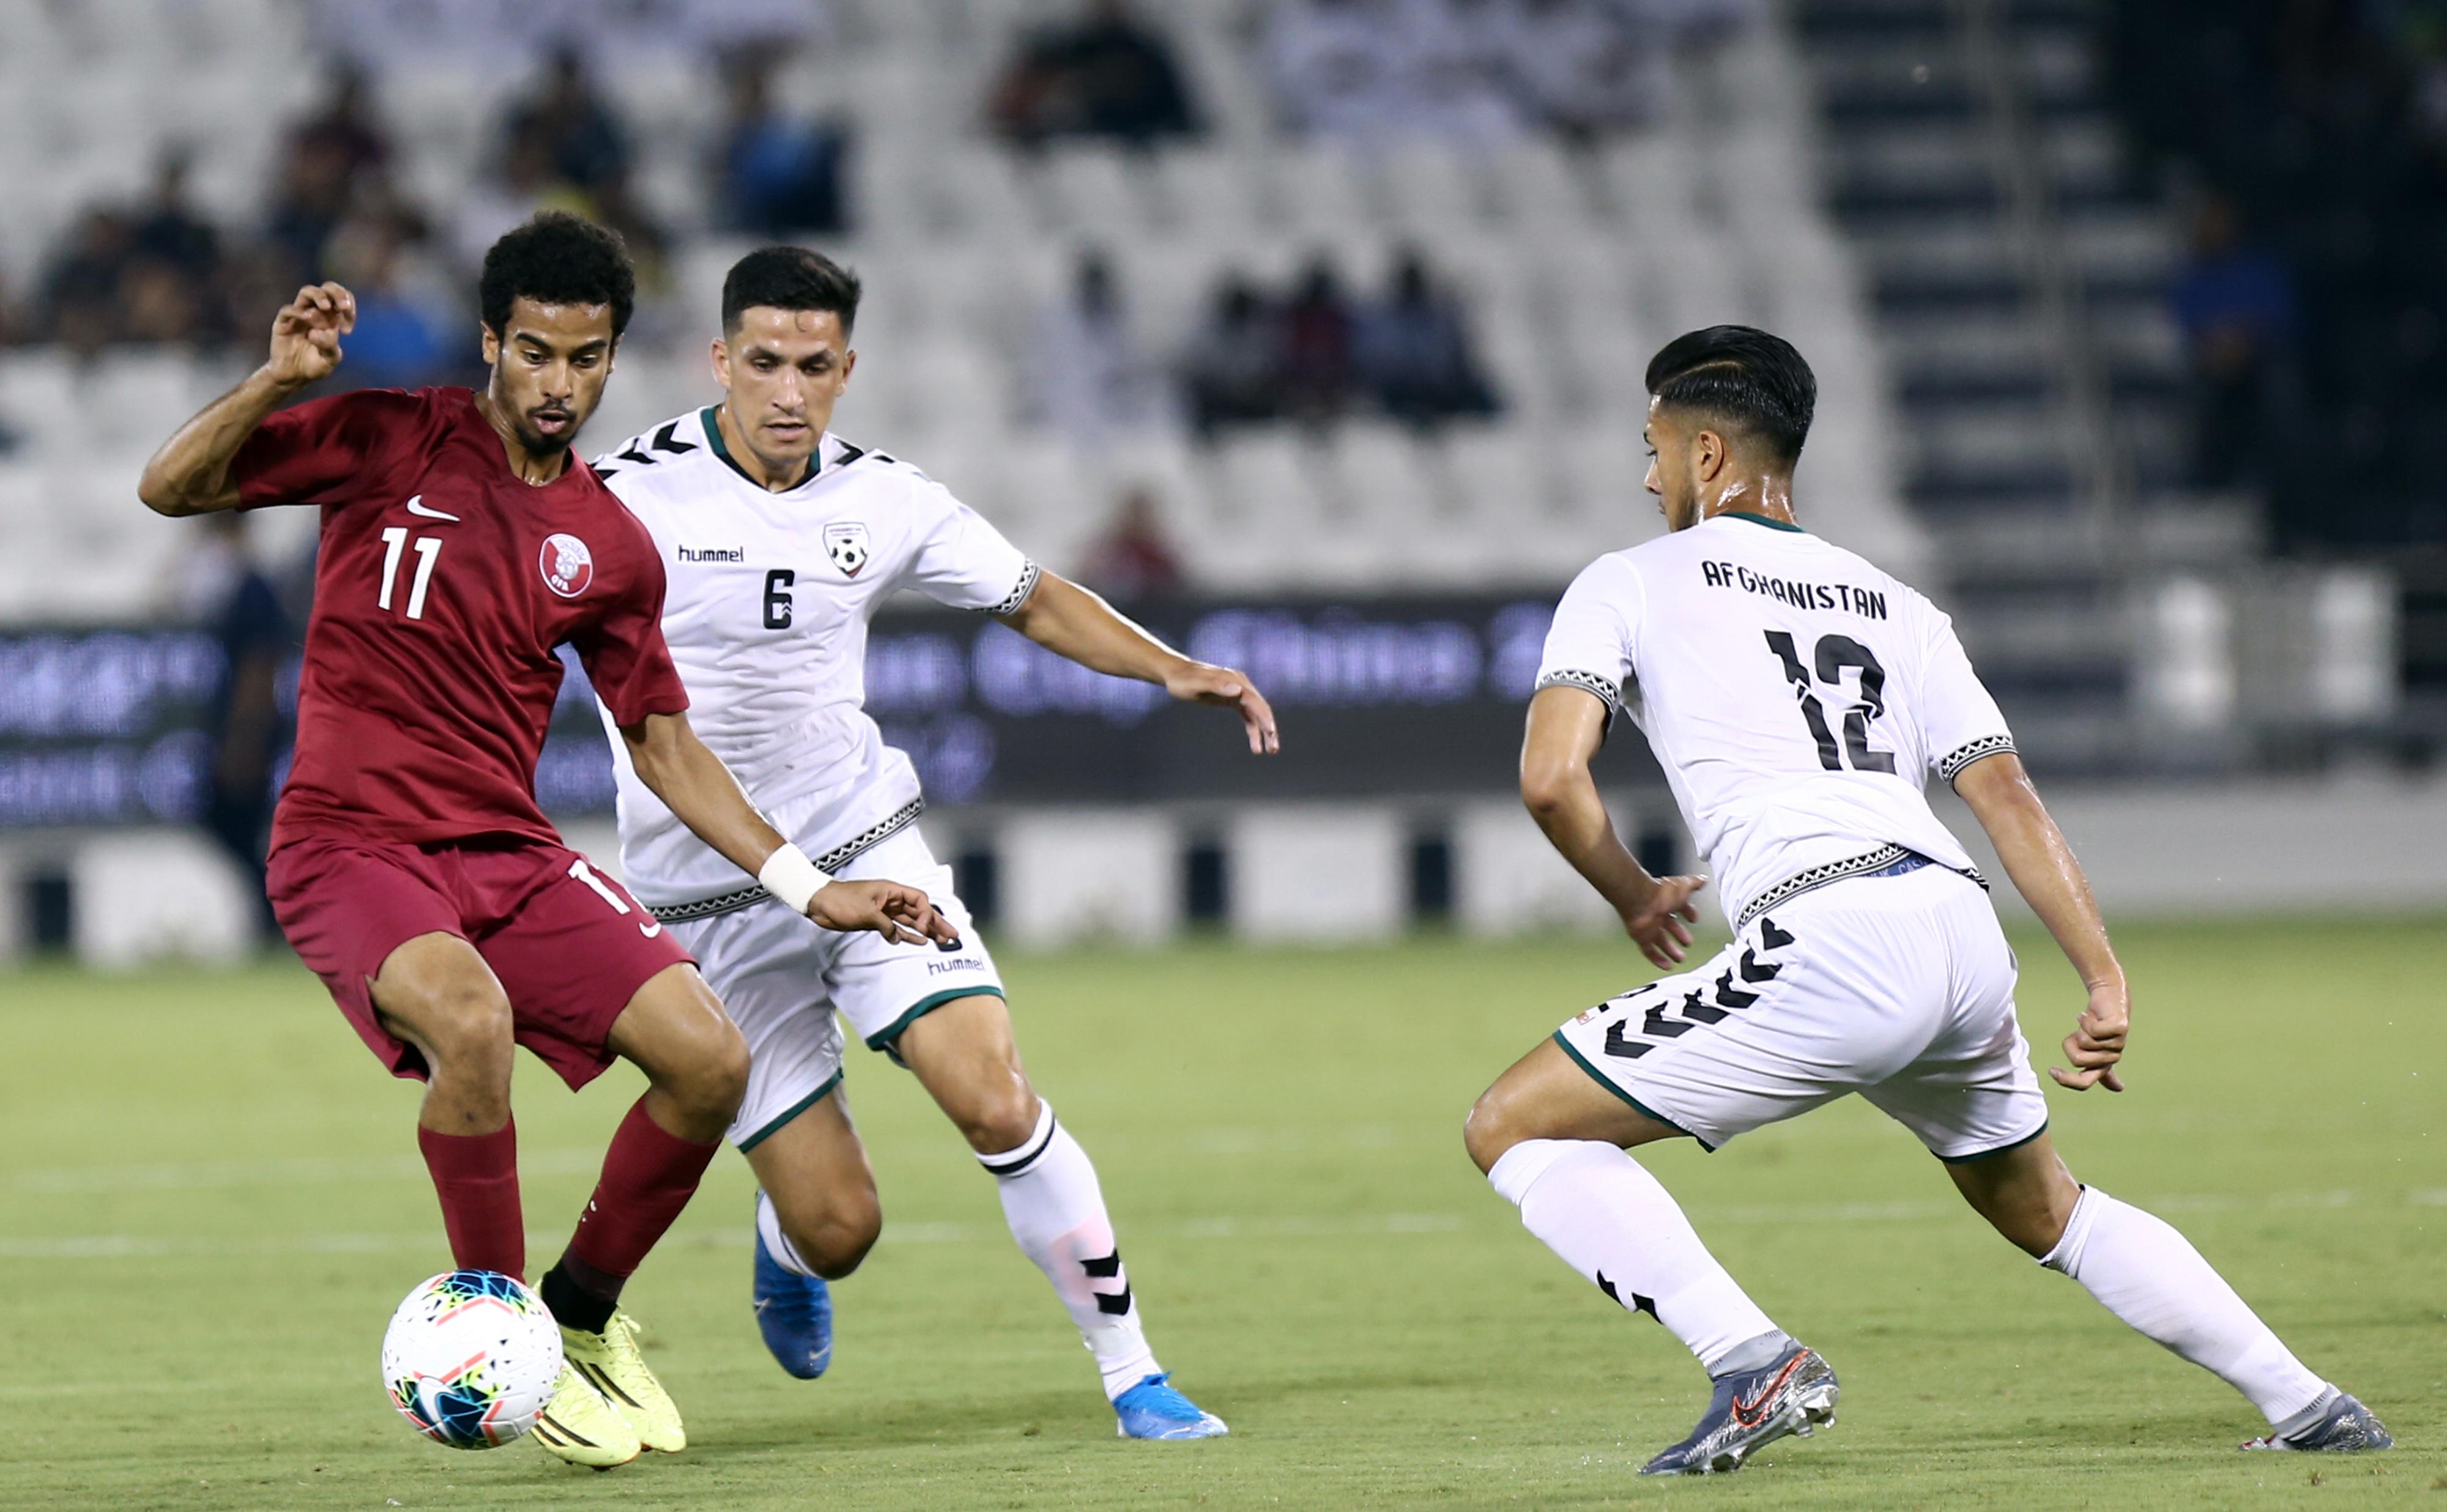 المهاجم القطري أكرم عفيف في لقطة من الجولة الأولى مع أفغانستان